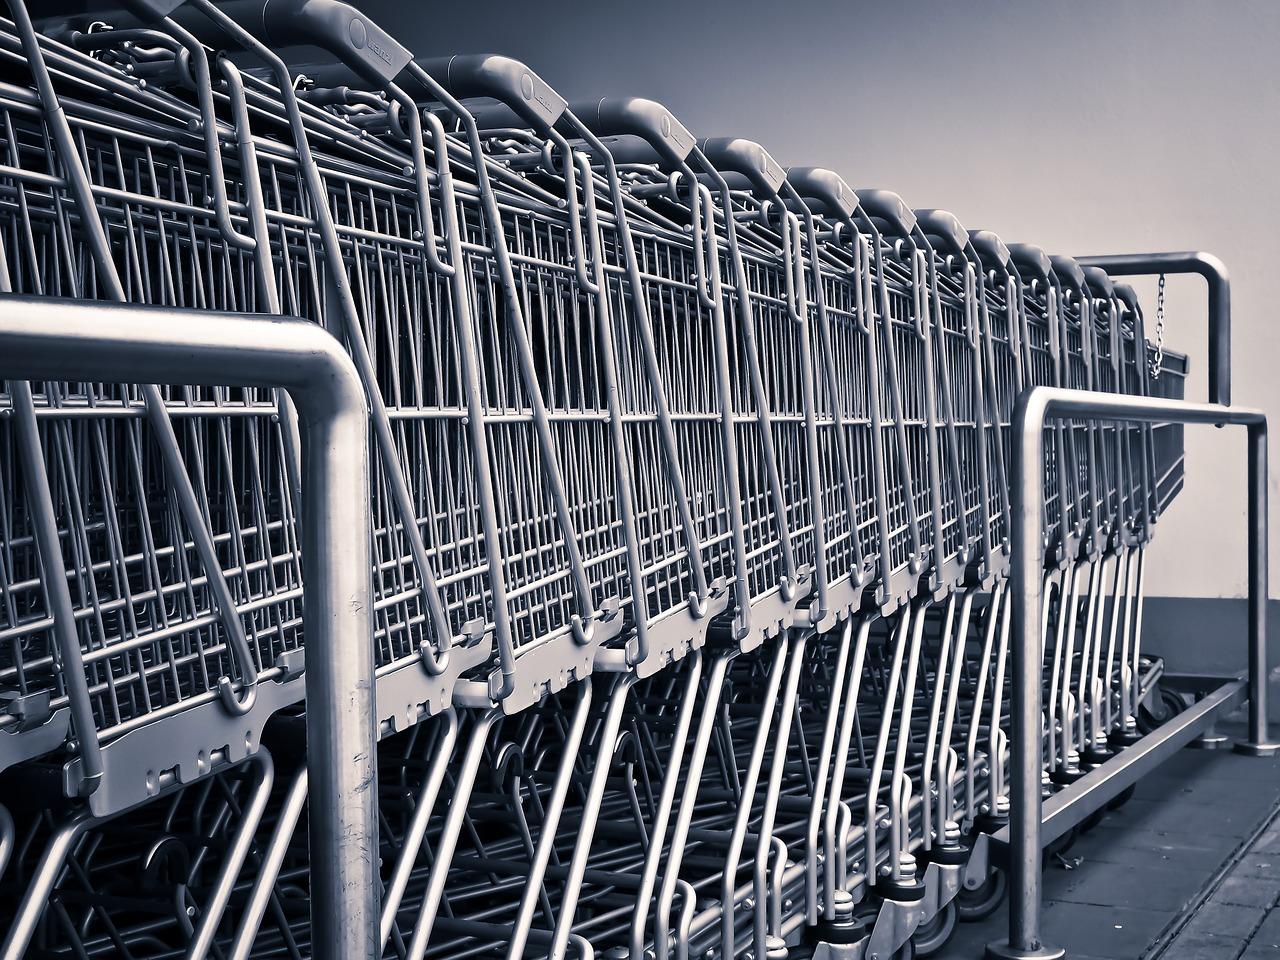 Правительство утвердило постановление об увеличении объёма закупок товаров и услуг у МСП